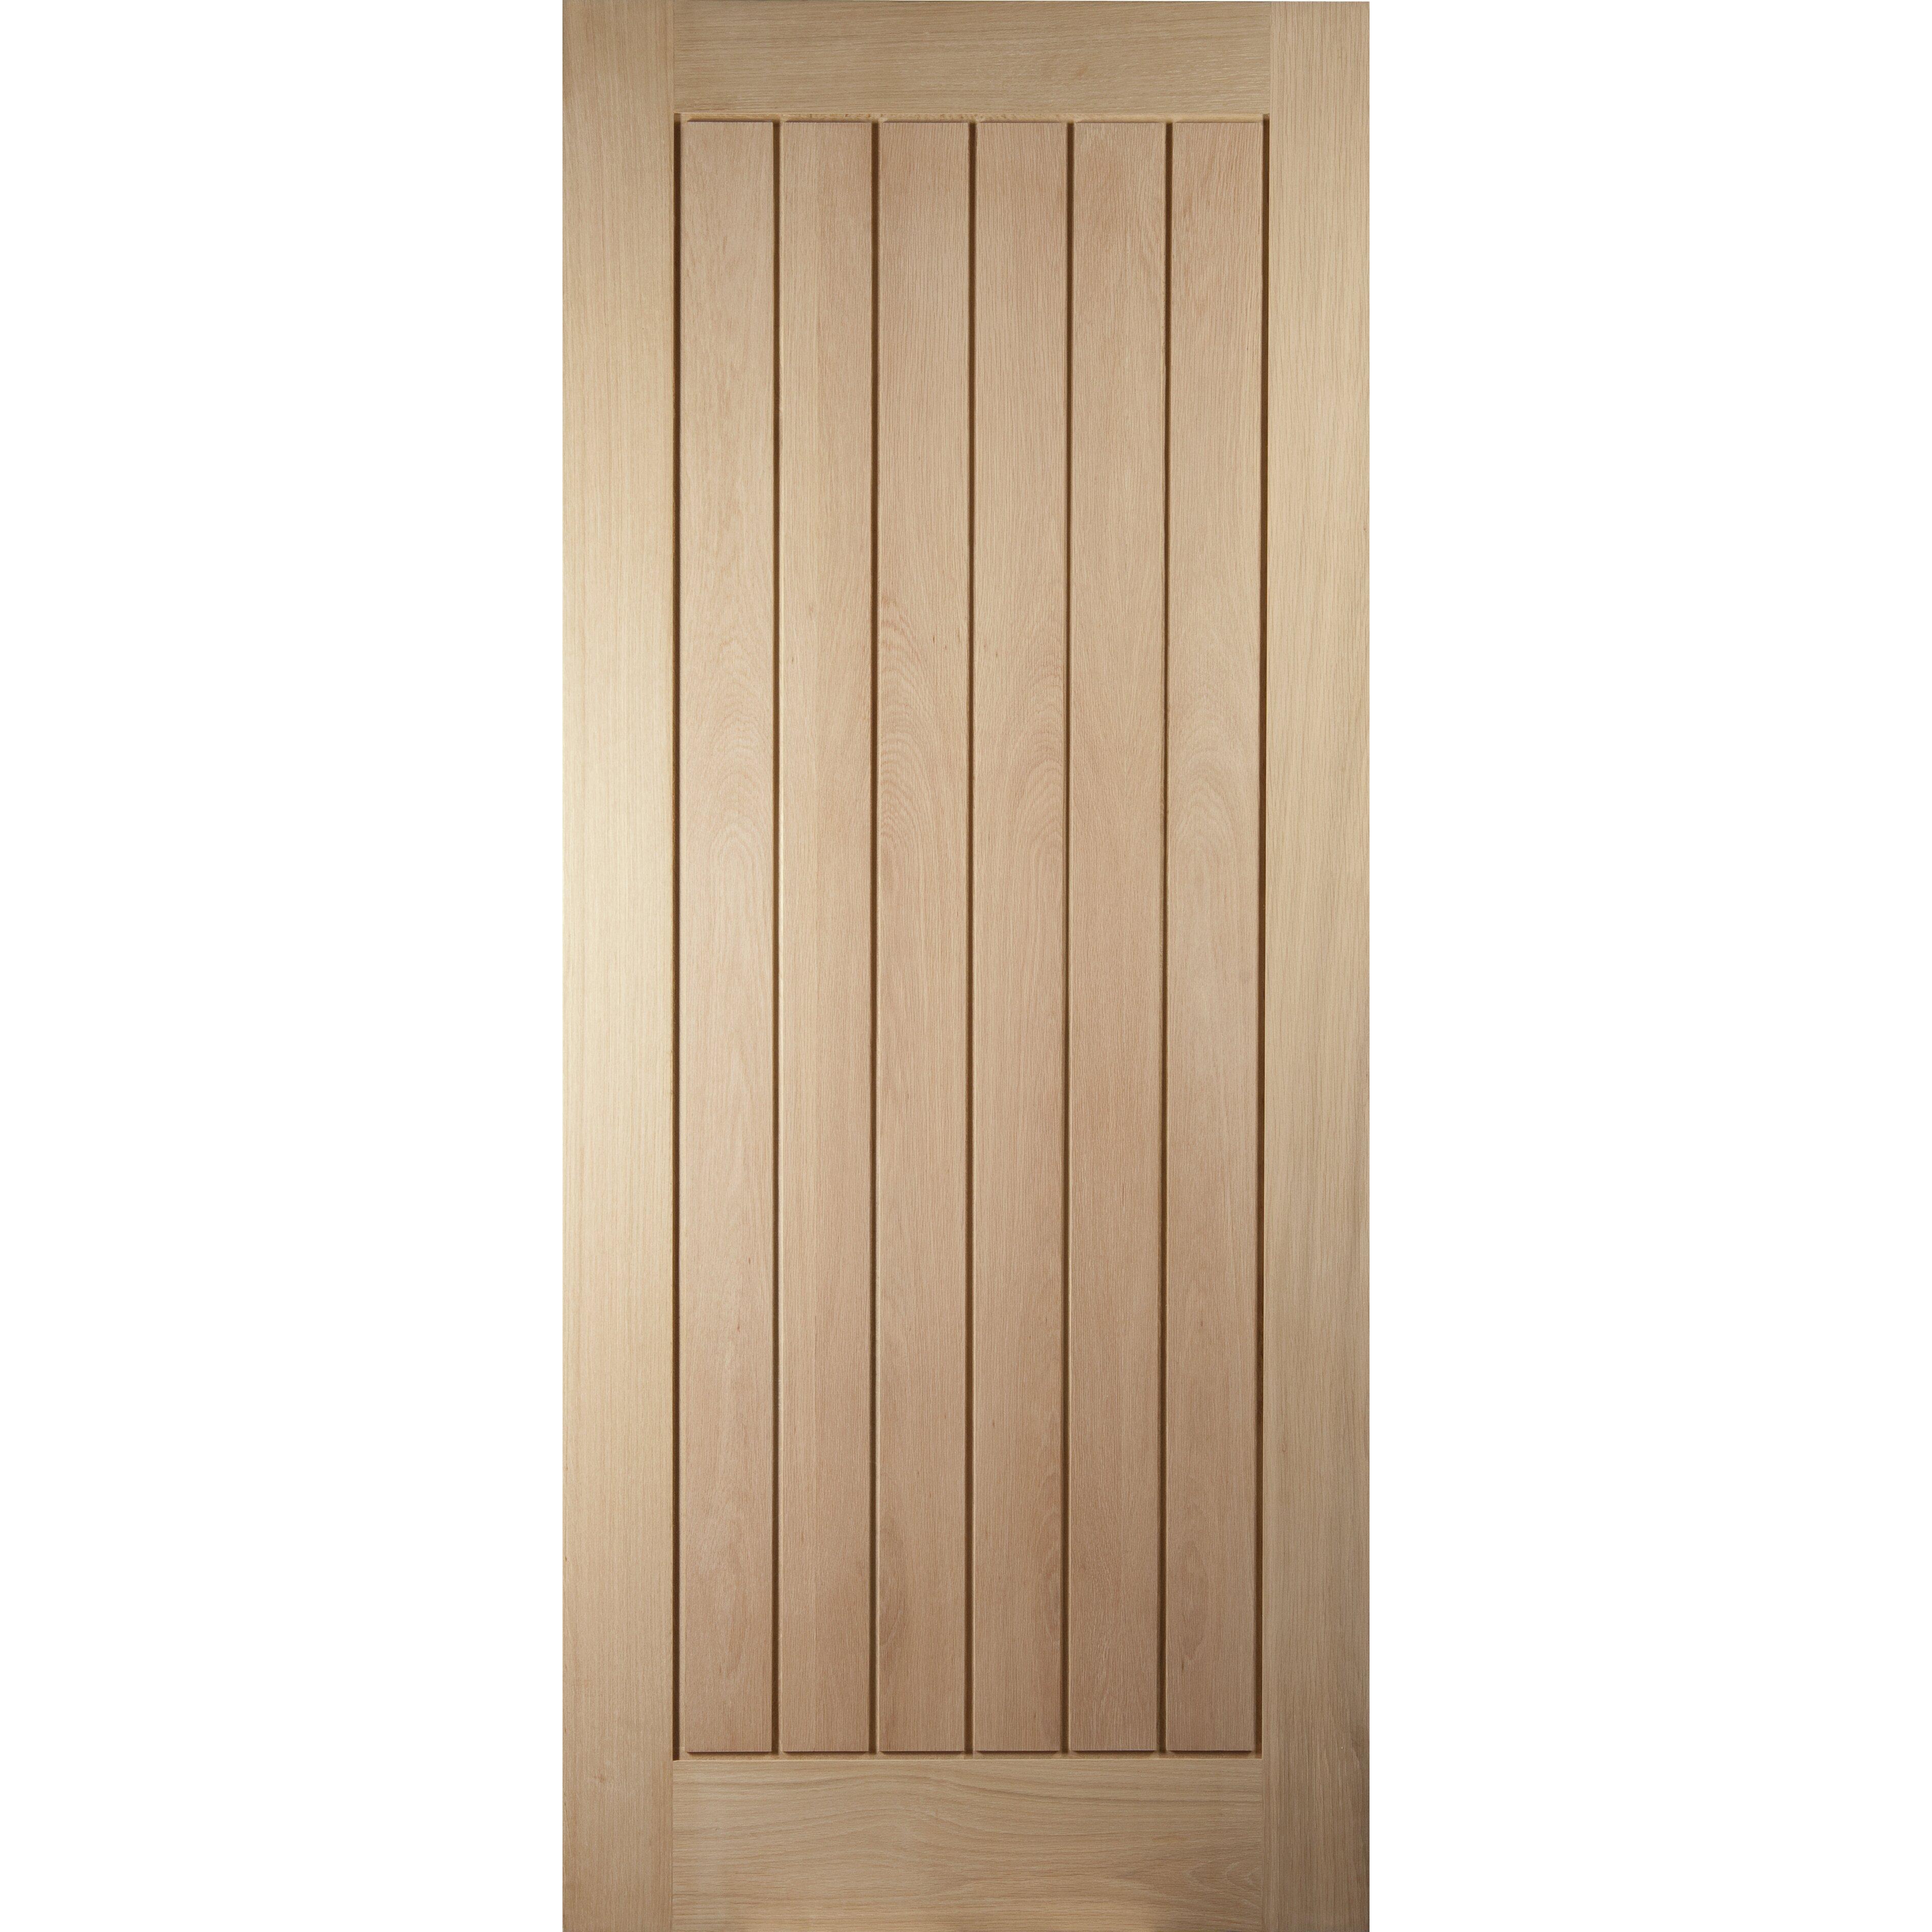 Sliding Door Repair New Jeld Wen Panel Door